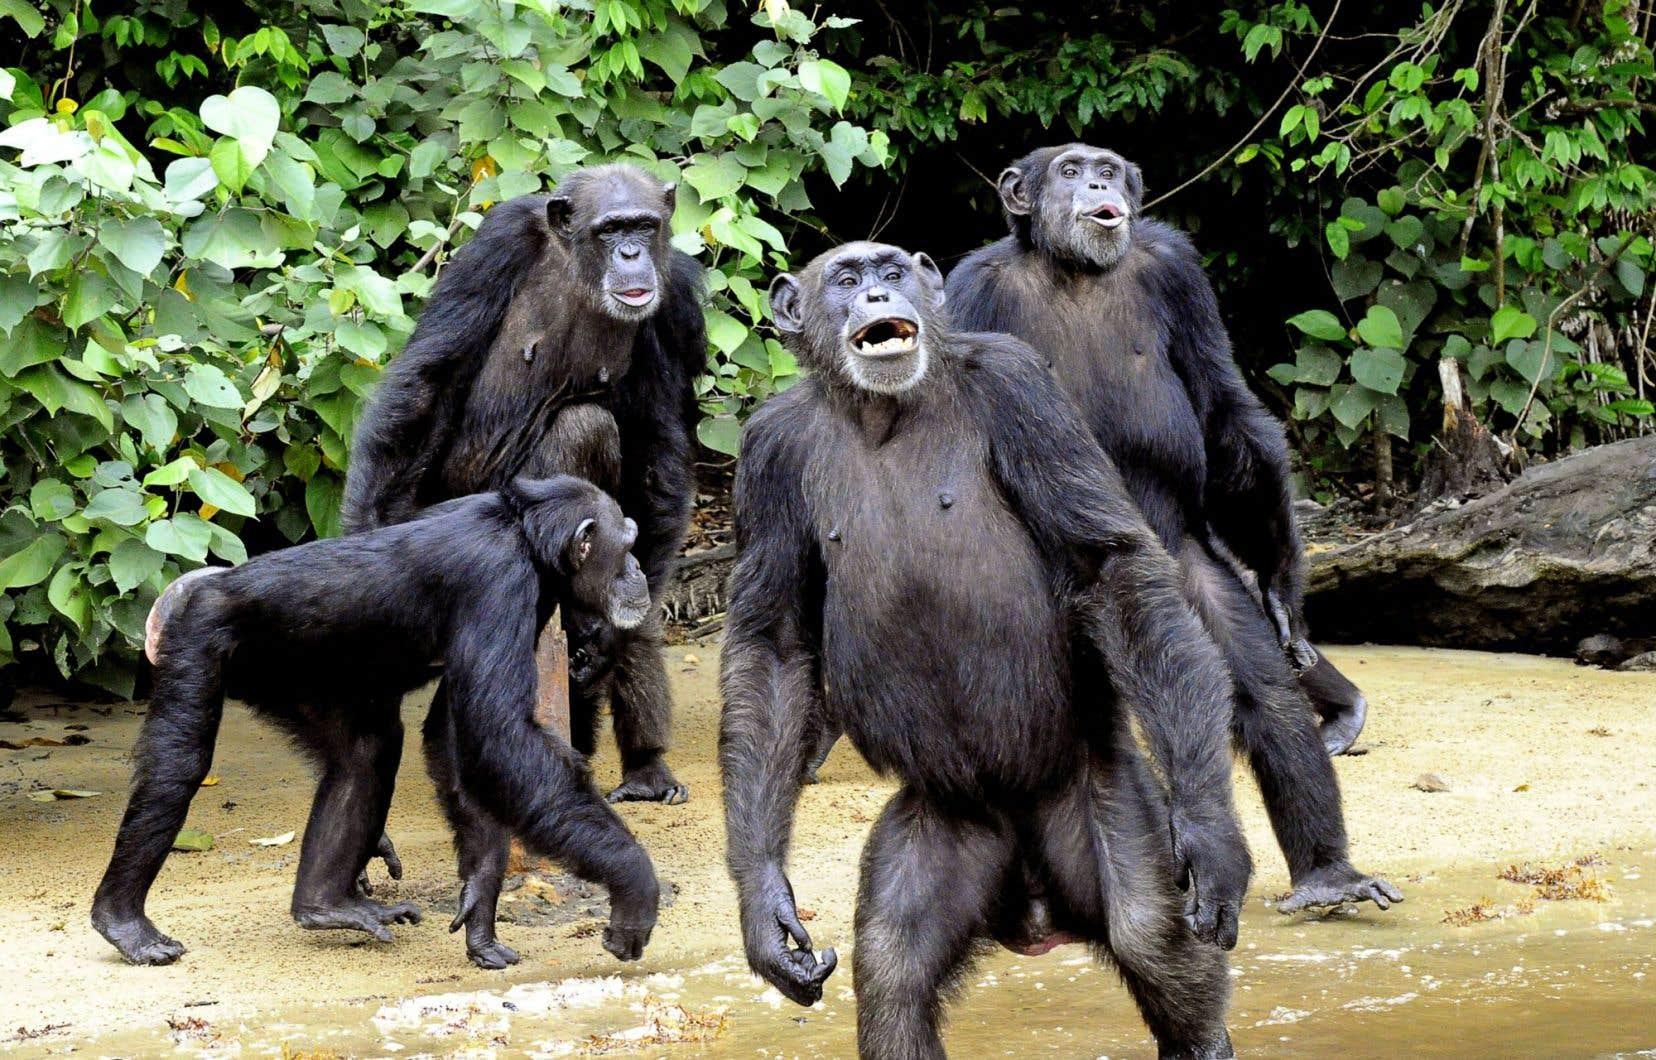 L'humain a vraisemblablement hérité de ses proches ancêtres, les singes, d'une certaine propension à la violence meurtrière envers ses congénères, indique une nouvelle étude.